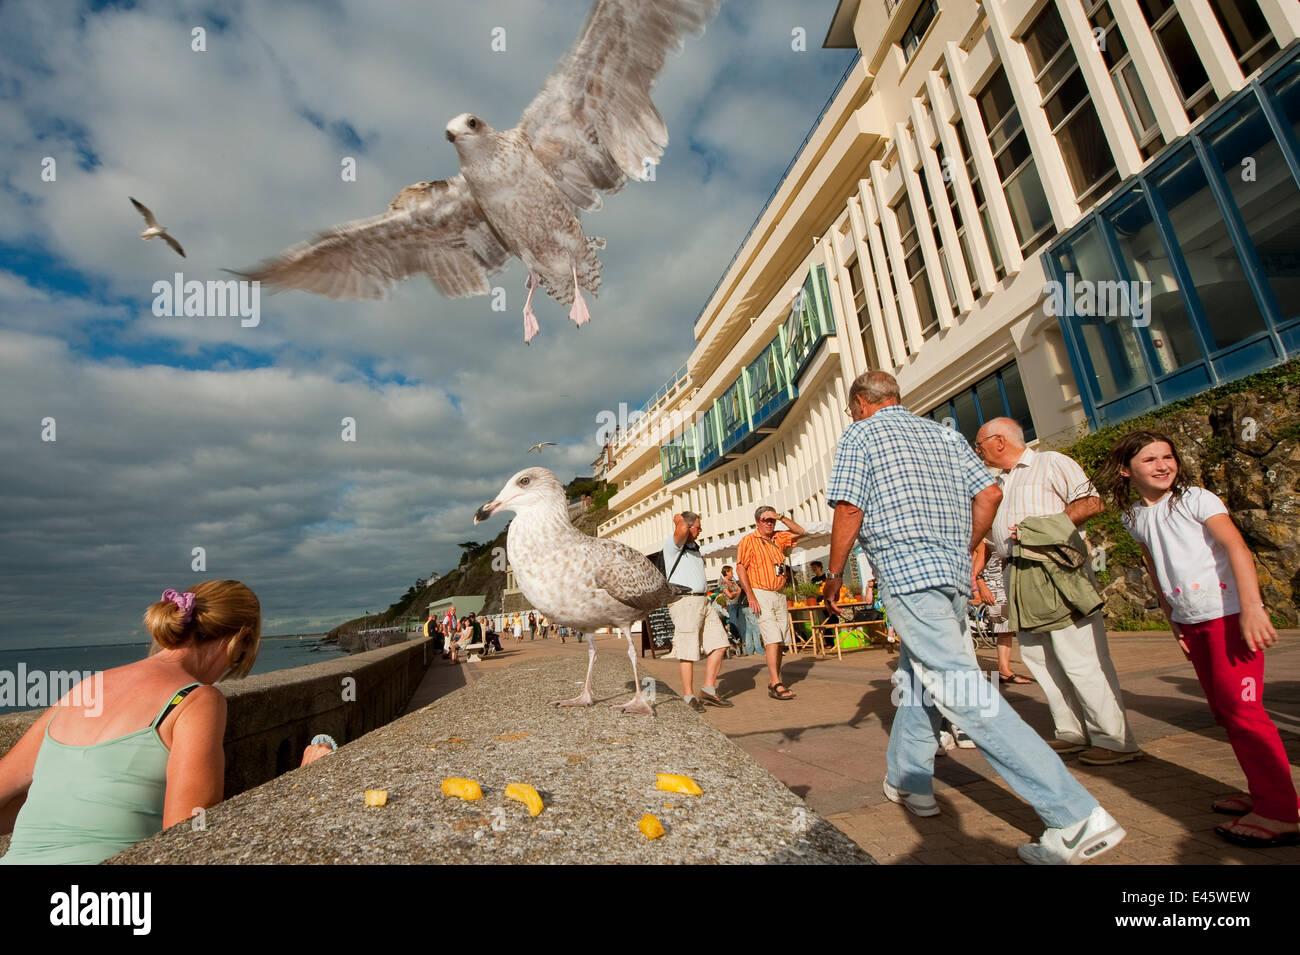 Gaviota argéntea (Larus argentatus) pasearse abajo para alimentarse de los chips en una concurrida ciudad balnearia, Imagen De Stock